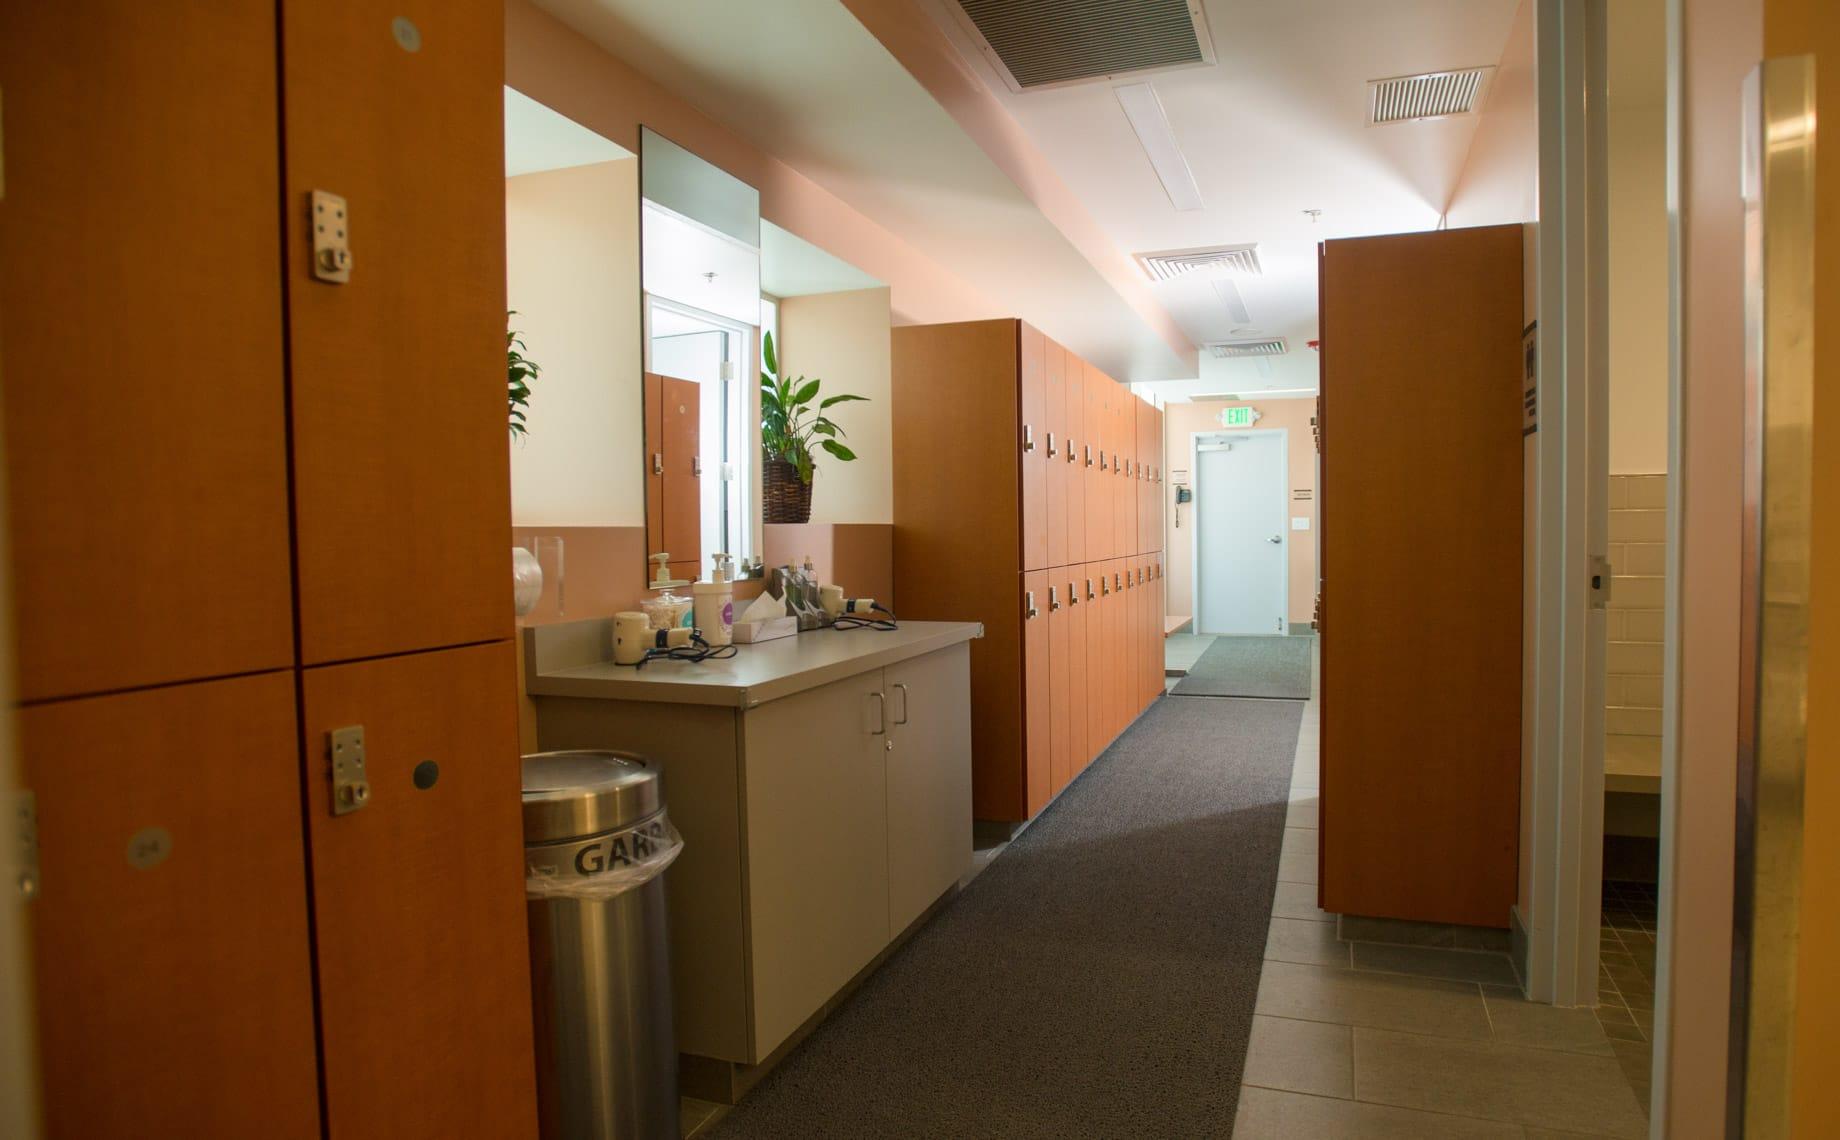 PJCC locker room